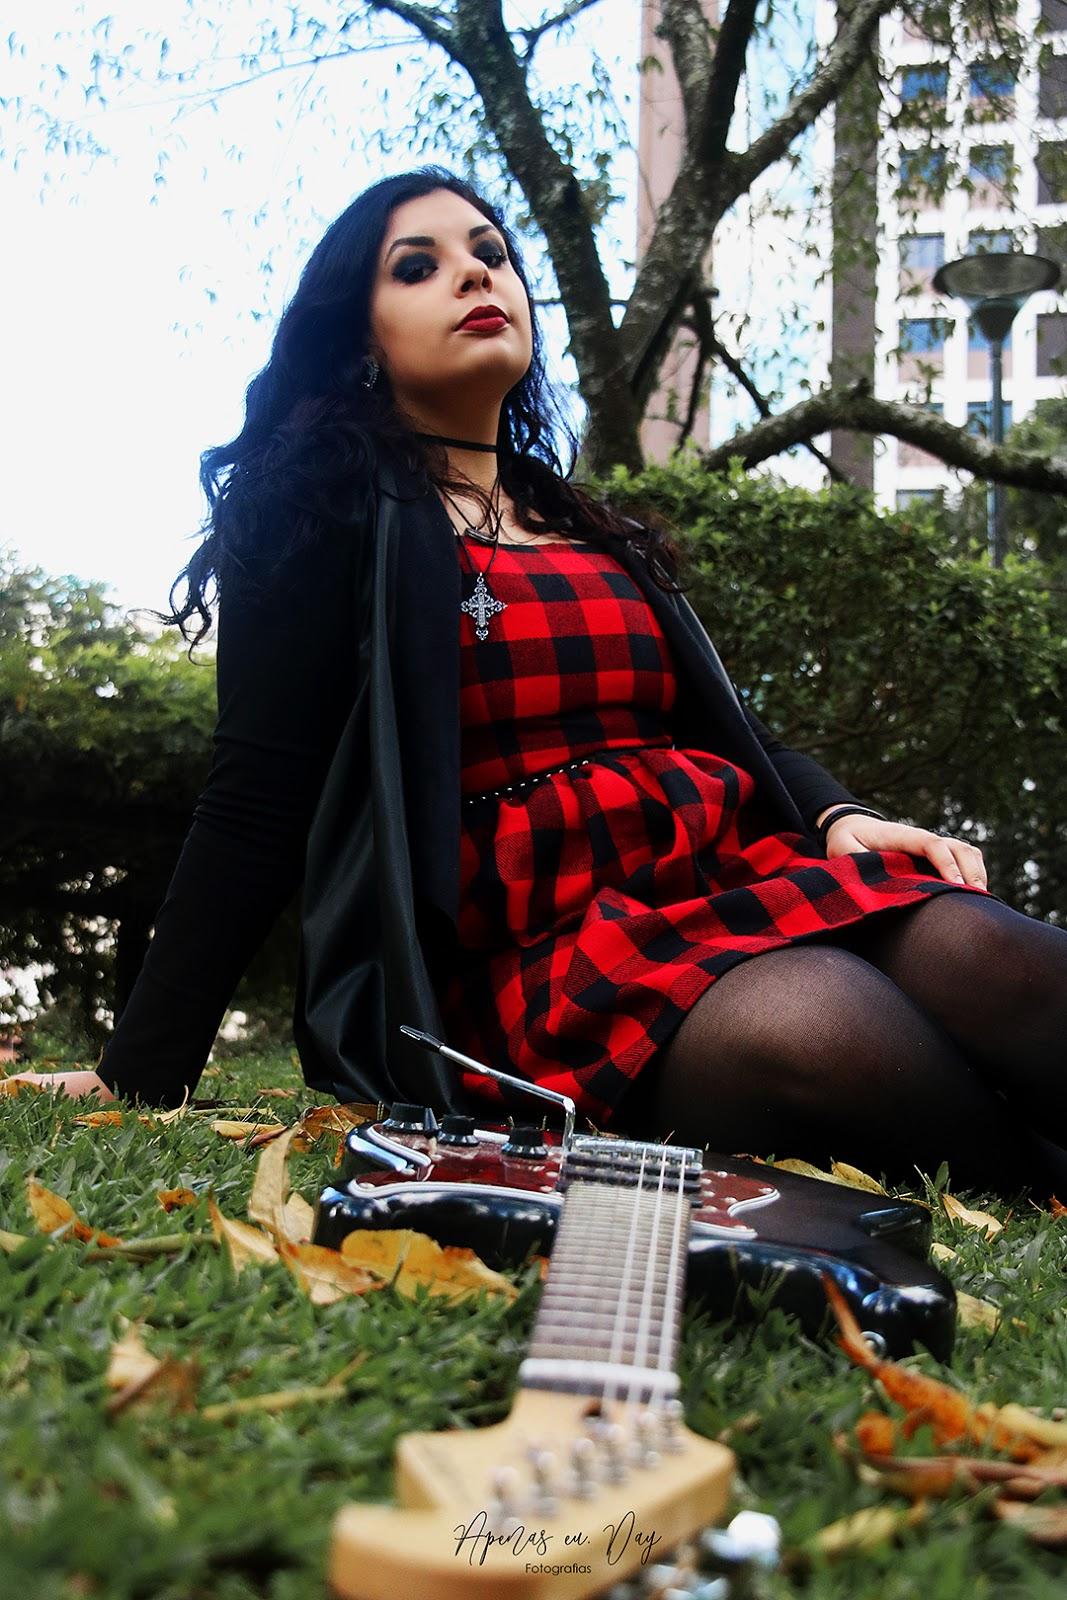 Ensaio realizado em Curitiba na Praça do Japão. Ensaio feminino alternativo com mangás e guitarra, saiba mais agora!